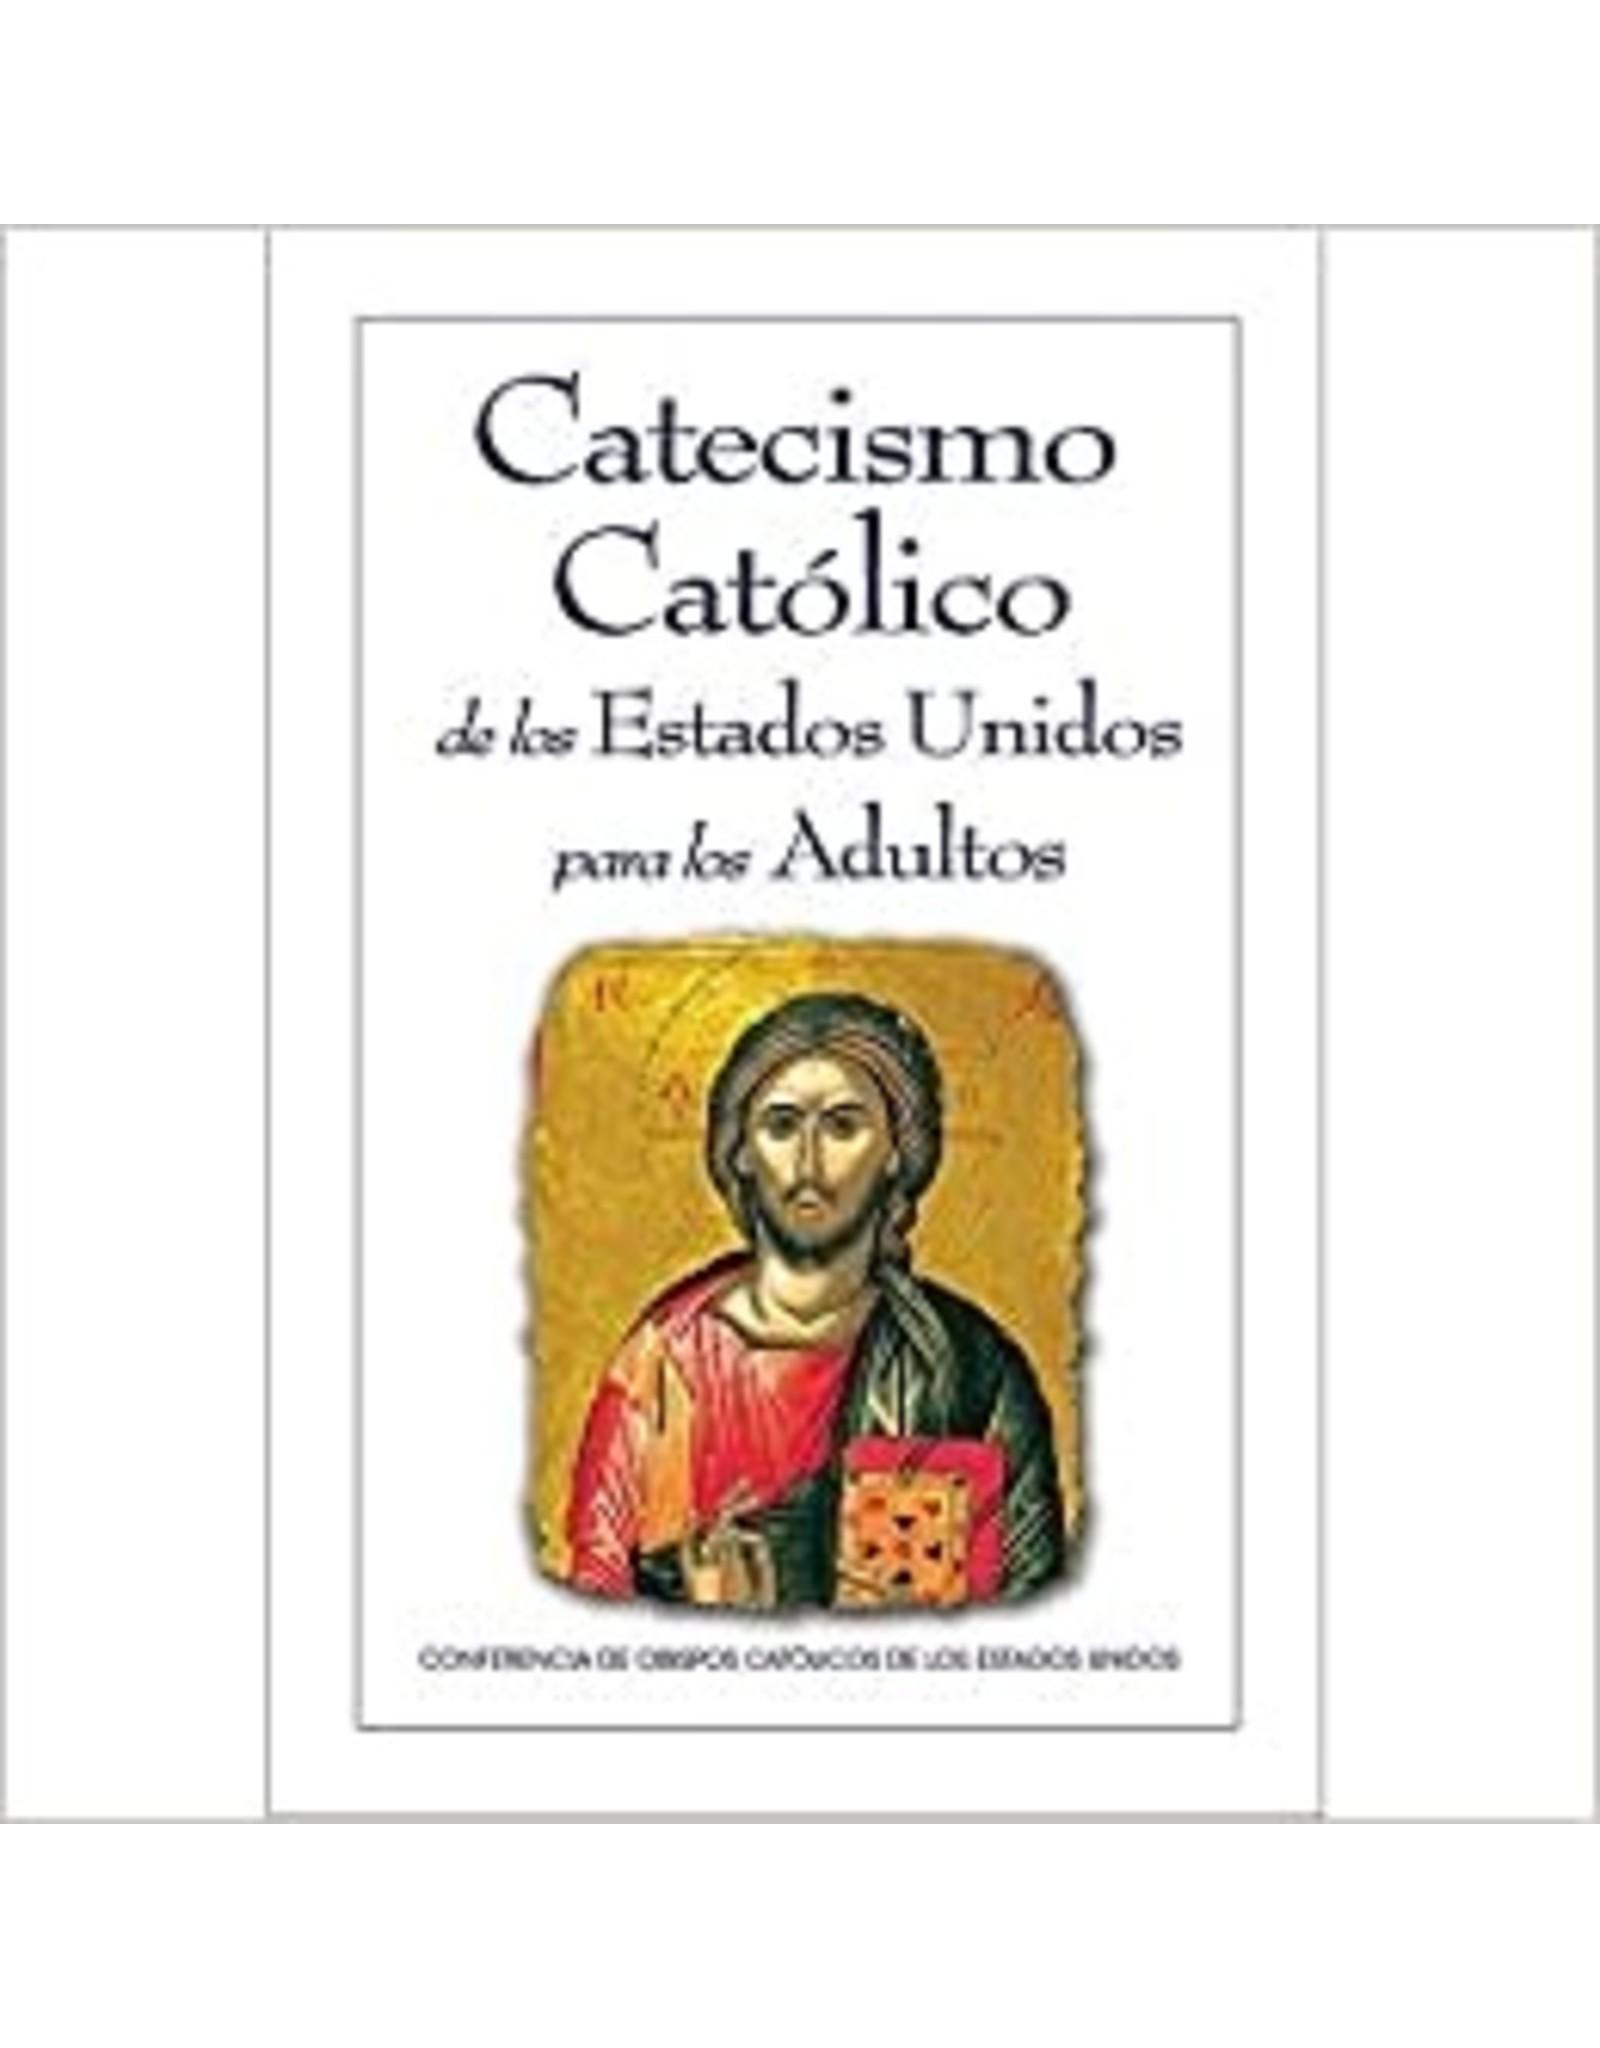 Catecismo Catolico de los Estados Unidos para los Adultos (new ed)